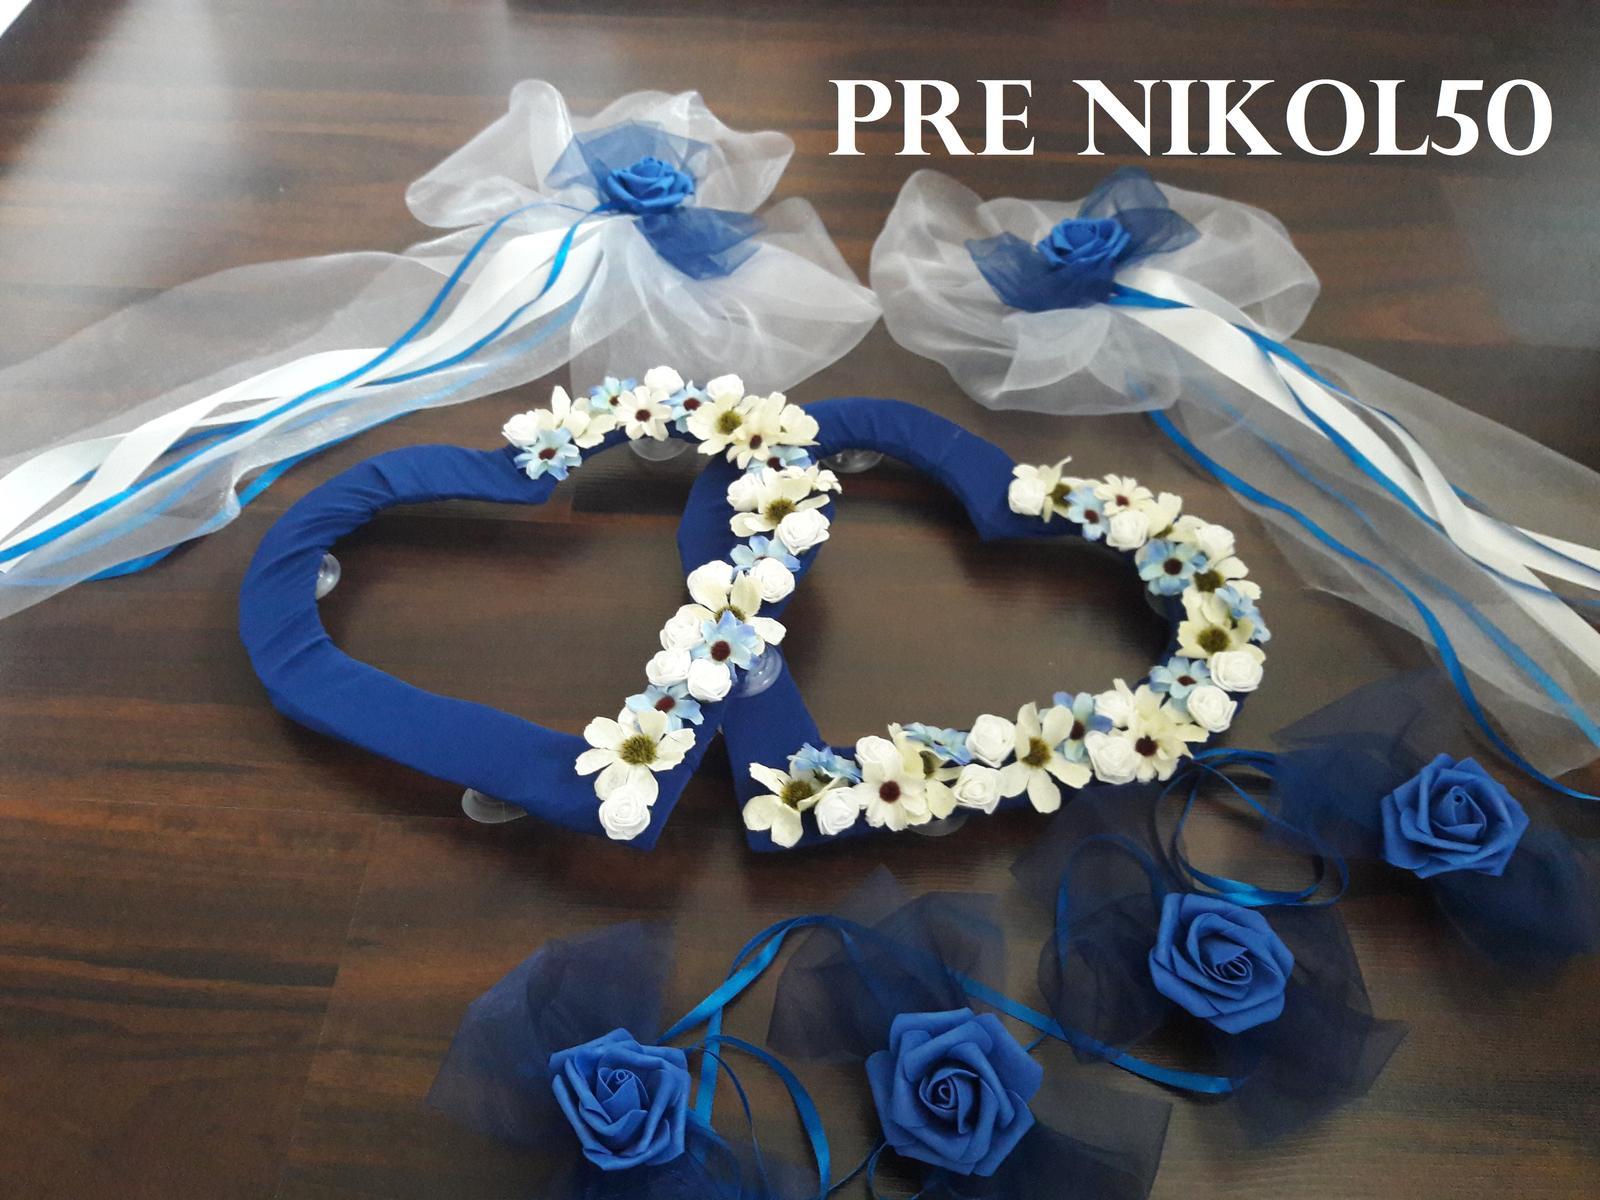 Svadobné AUTO - Sada 4 bez pásov pre Nikolku